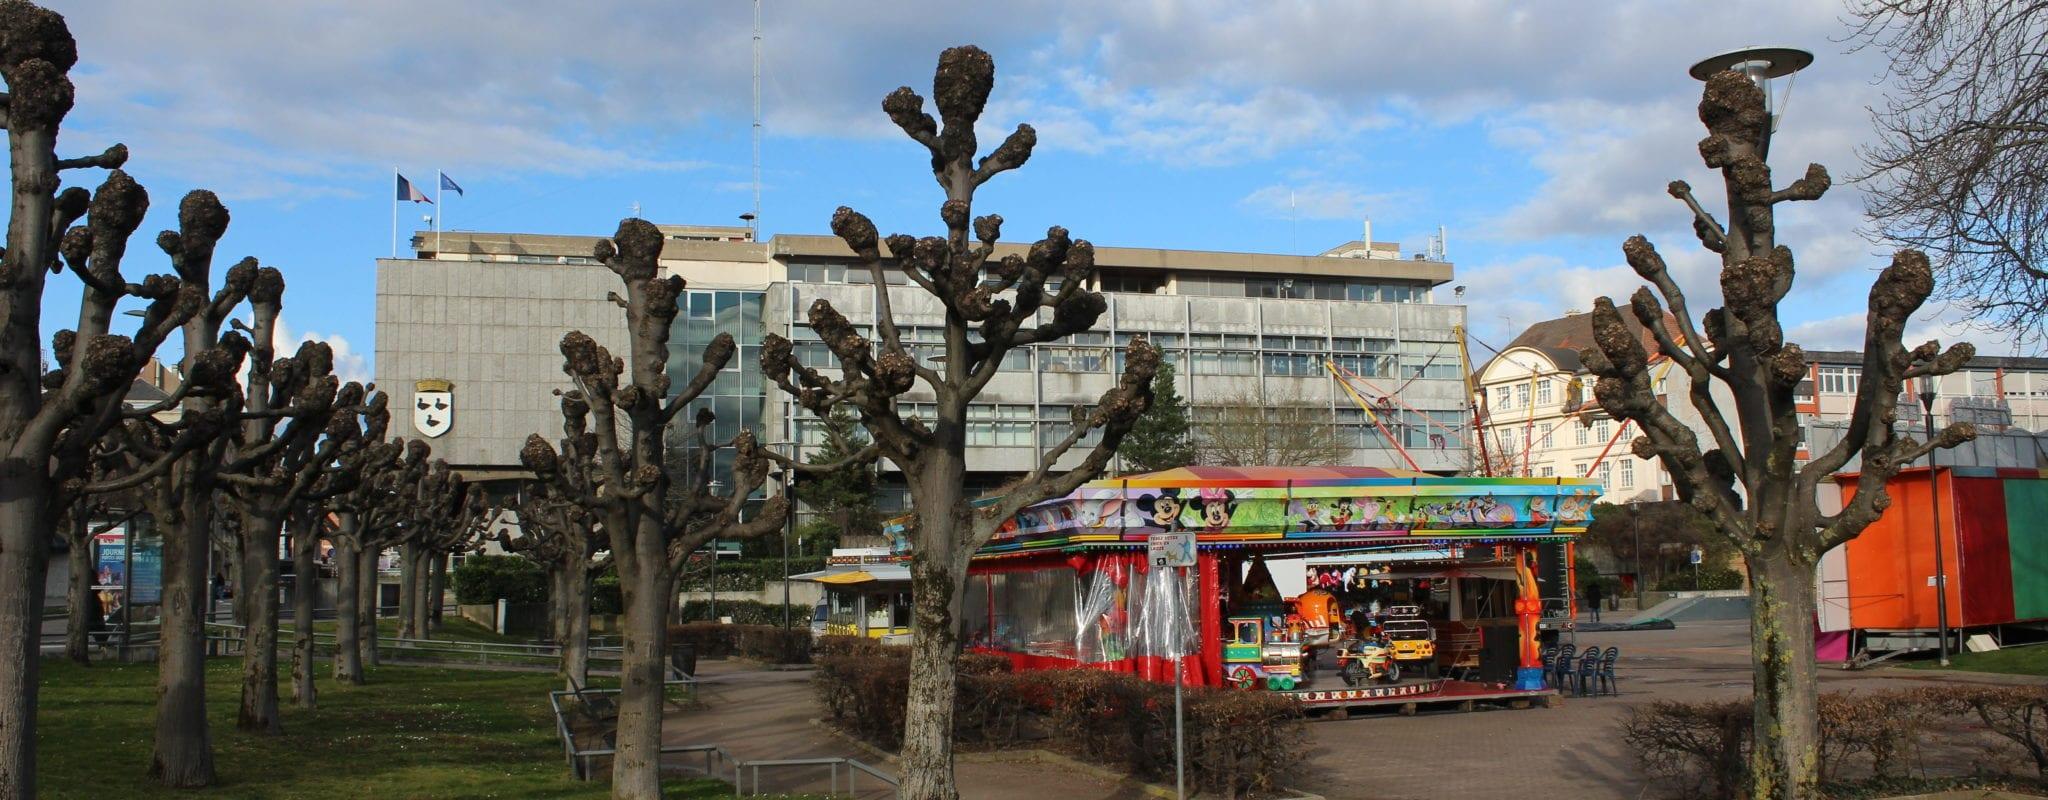 Municipales: Schiltigheim cherche sa voie de tram